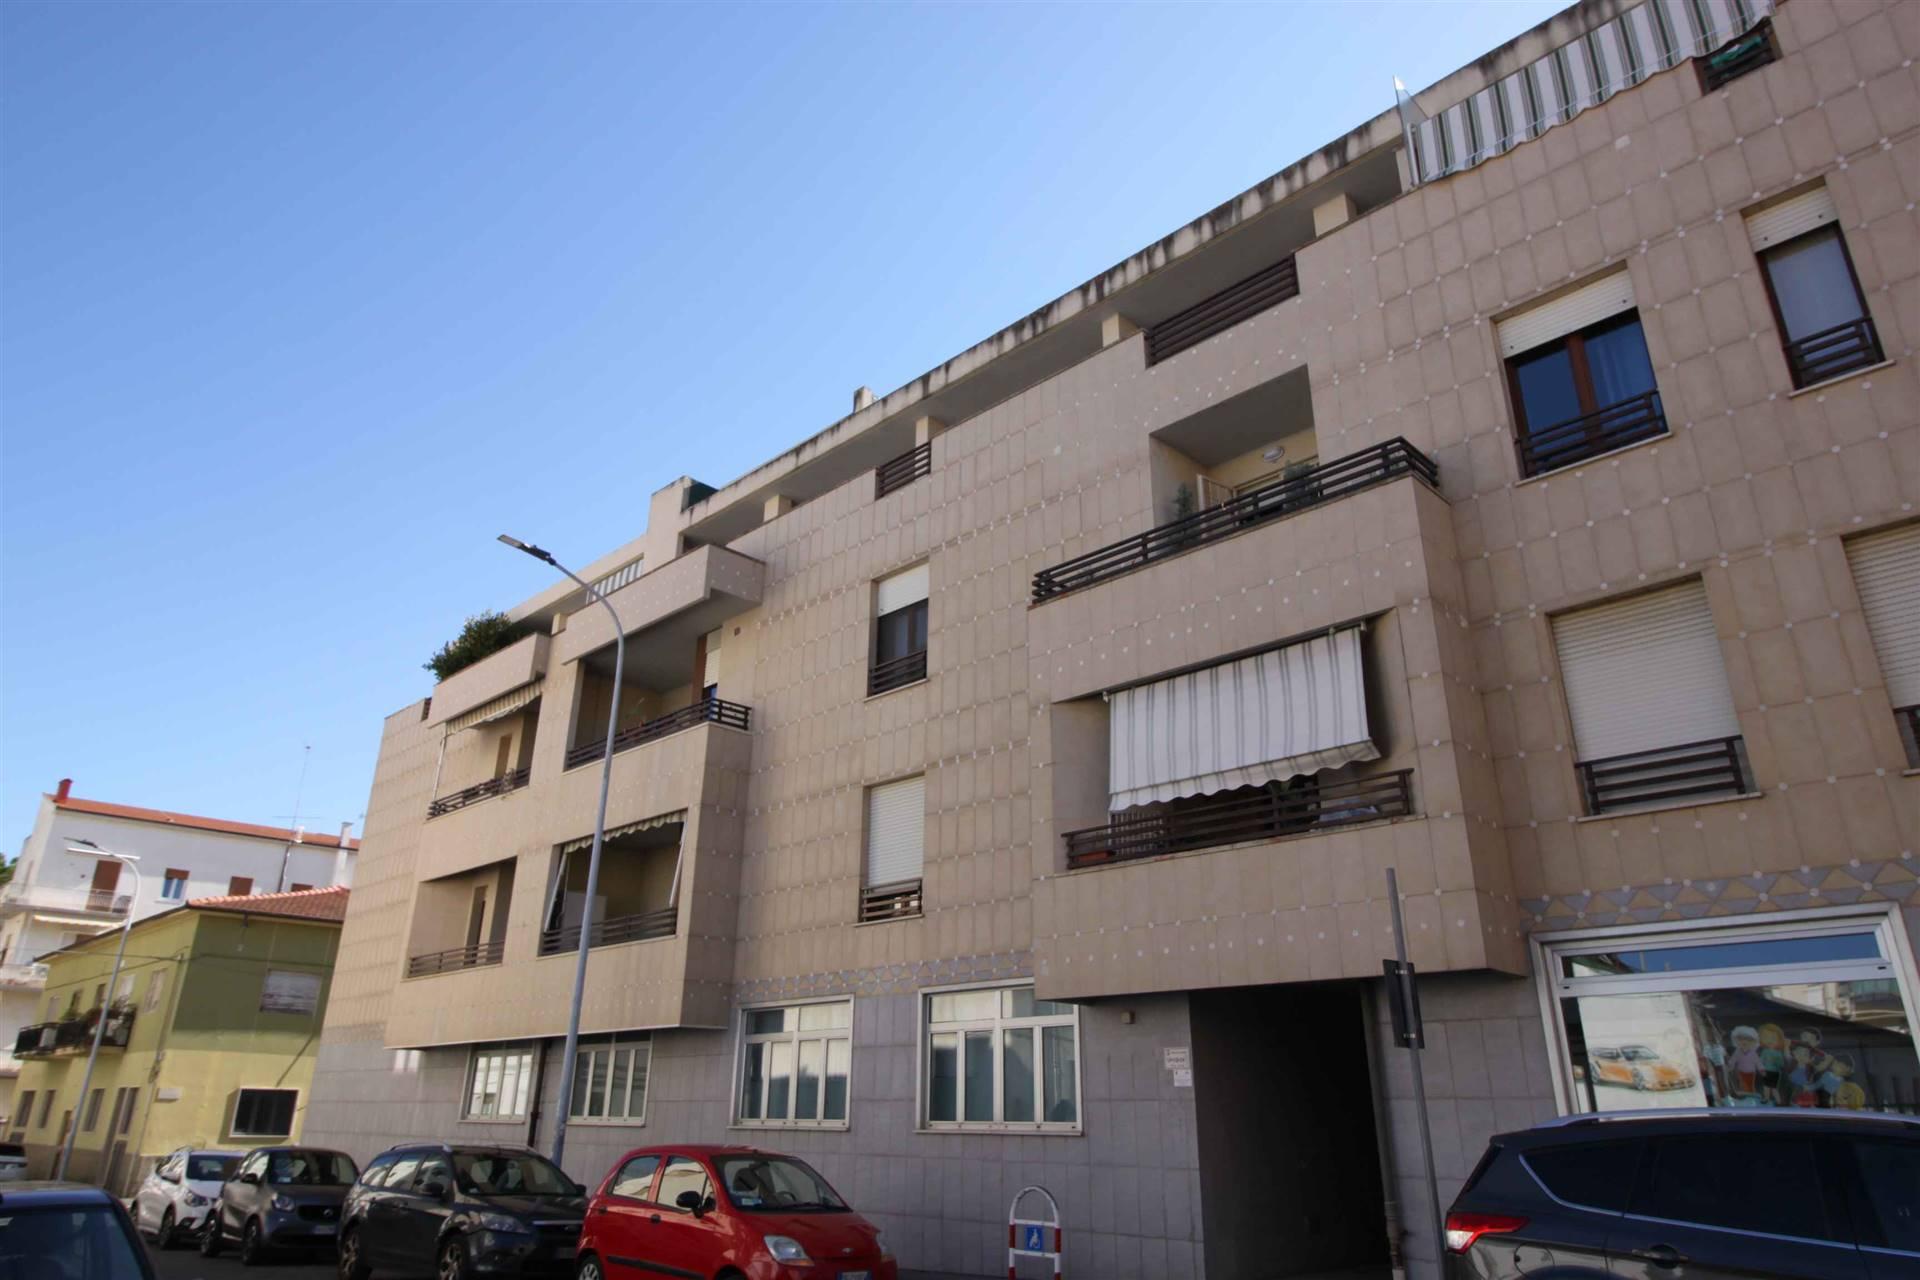 In piccola palazzina di soli 3 piani, appartamento in recente costruzione in zona centrale al piano secondo con ascensore composta di ingresso nel soggiorno con terrazza e ripostiglio, cucina con